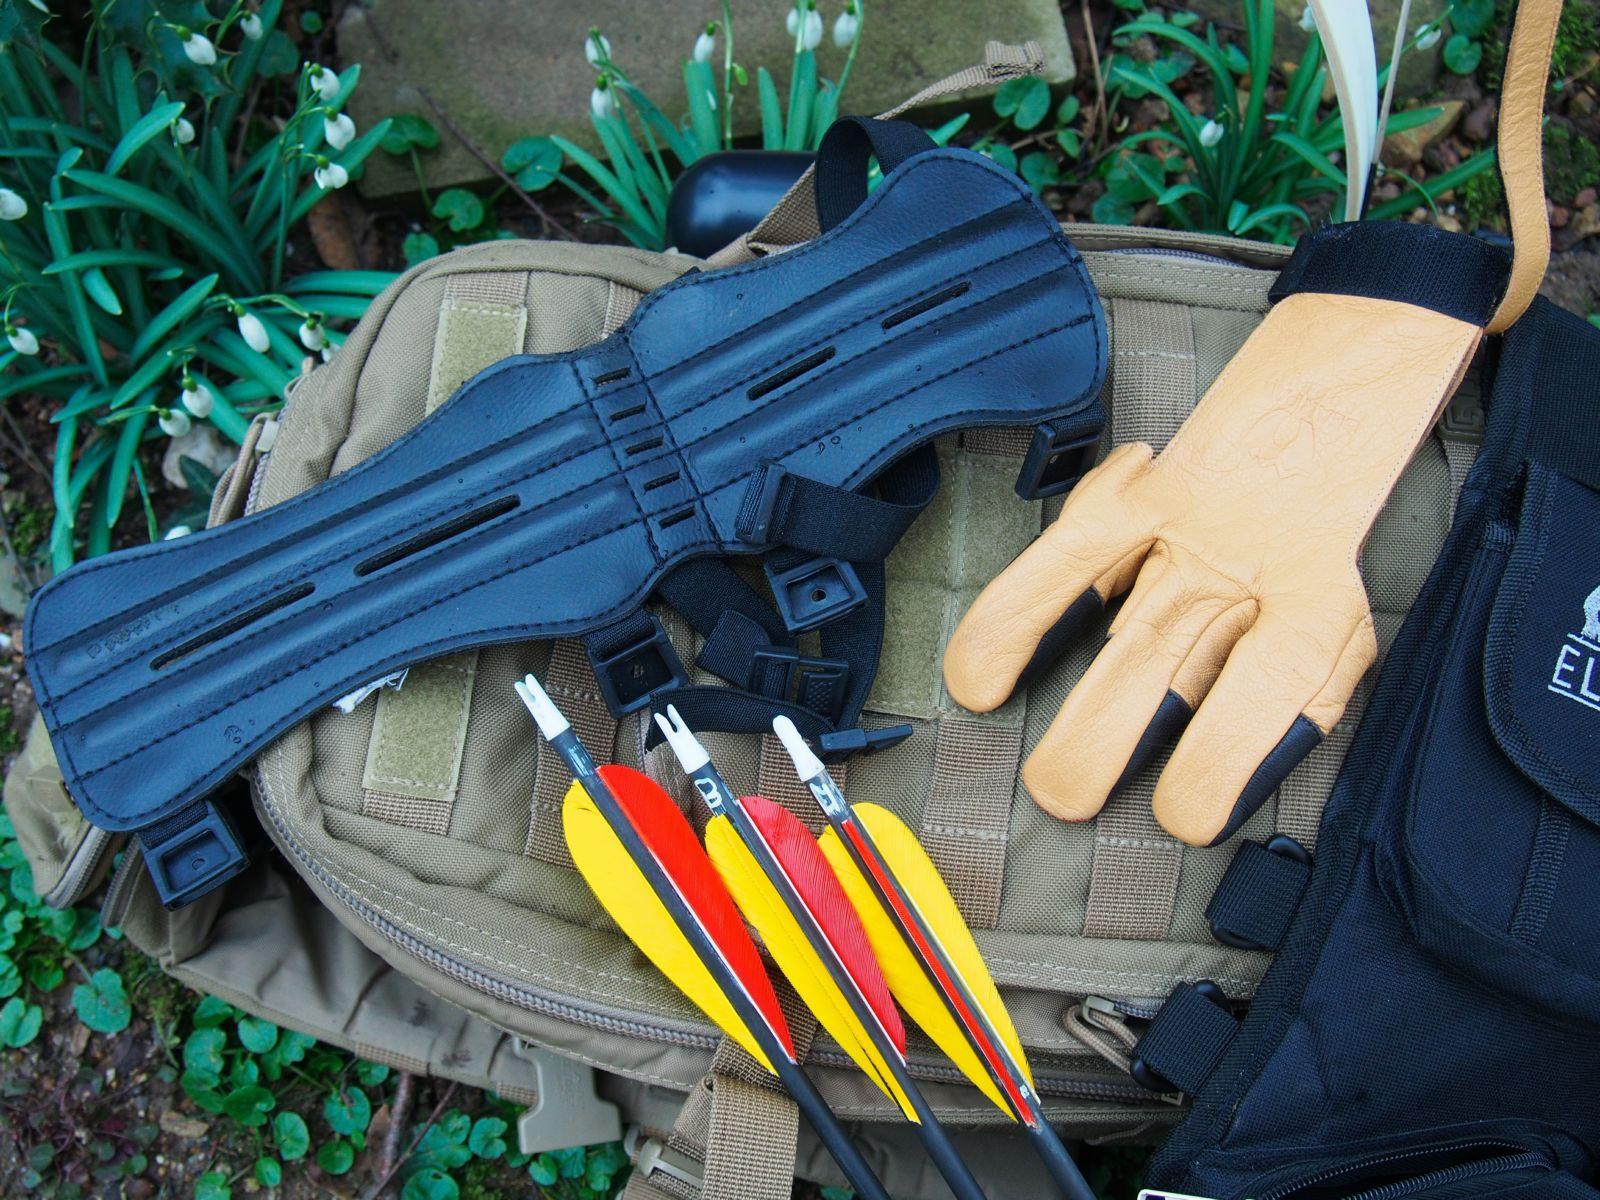 Der Einstieg ins Bogenschießen - Schutzausrüstung